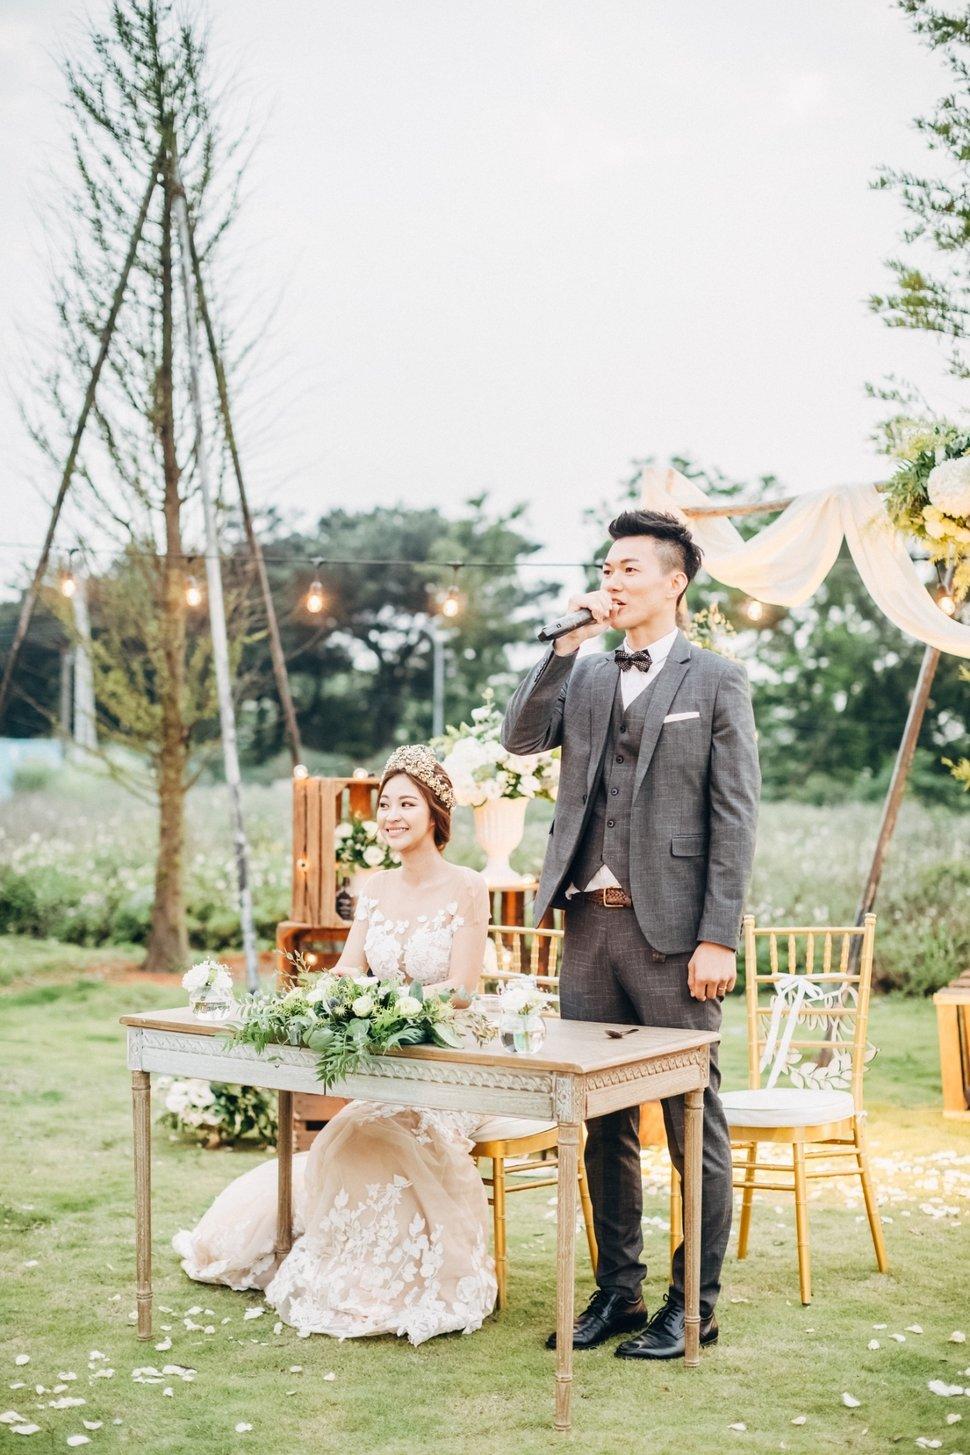 MH咖啡 美式鄉村婚宴_190108_0041 - 薇絲山庭草原夜景婚宴會館《結婚吧》